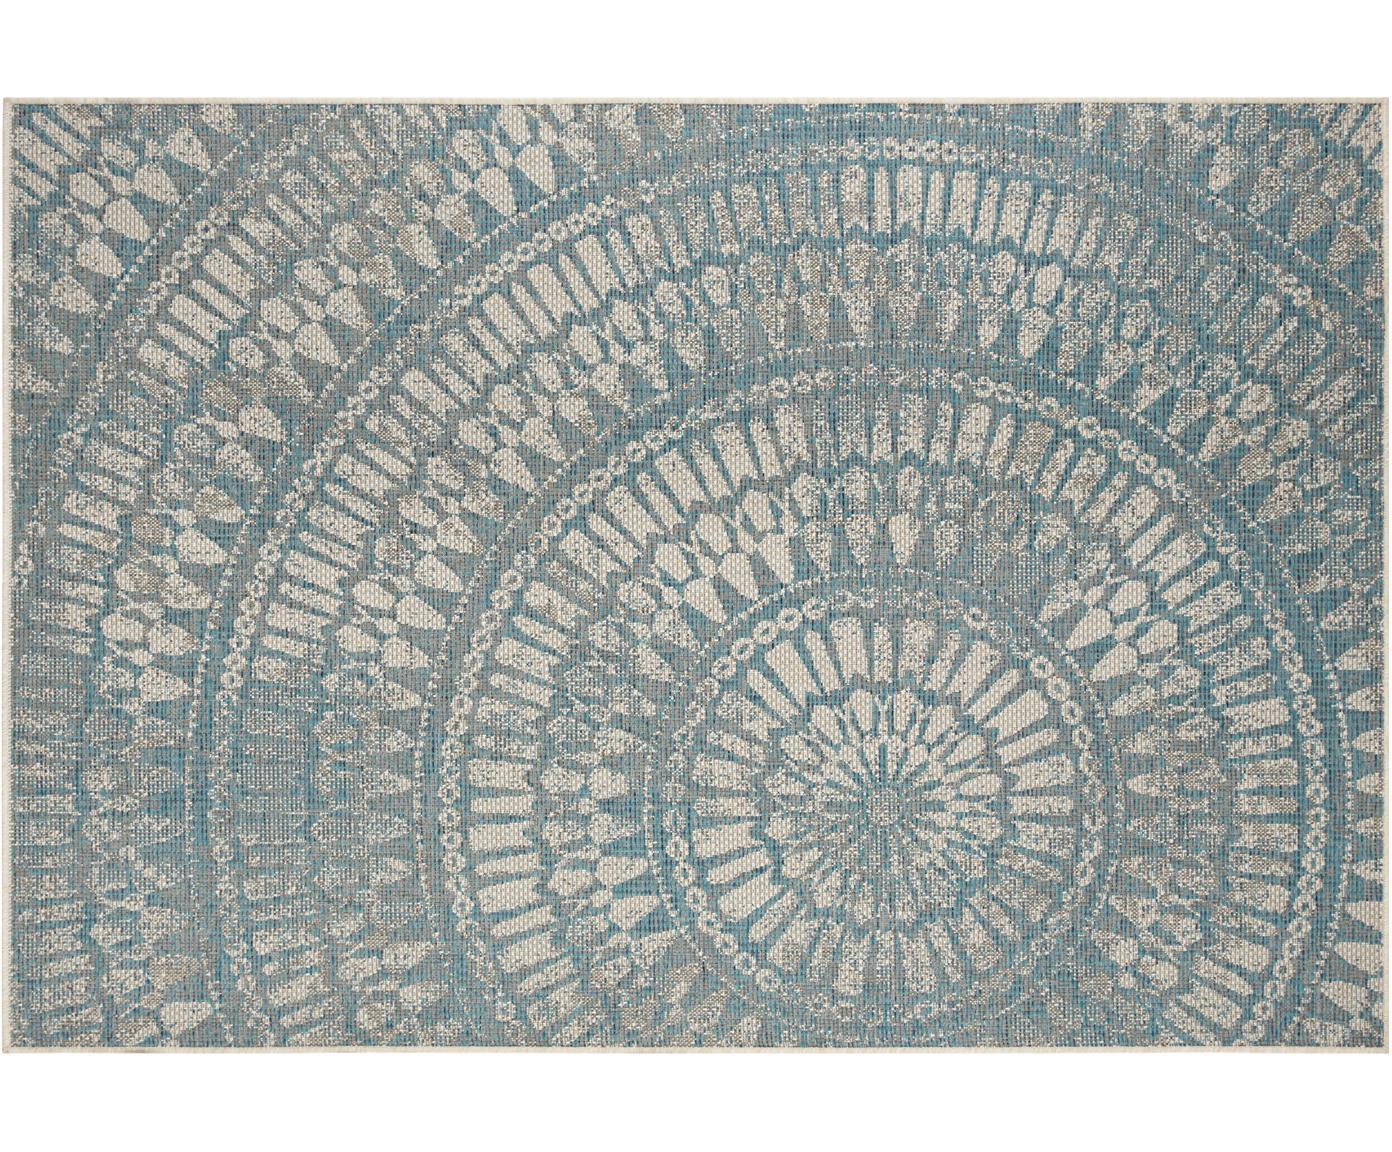 Gemusterter In- & Outdoor-Teppich Arnon, 100% Polypropylen, Türkis, Beige, B 160 x L 230 cm (Größe M)